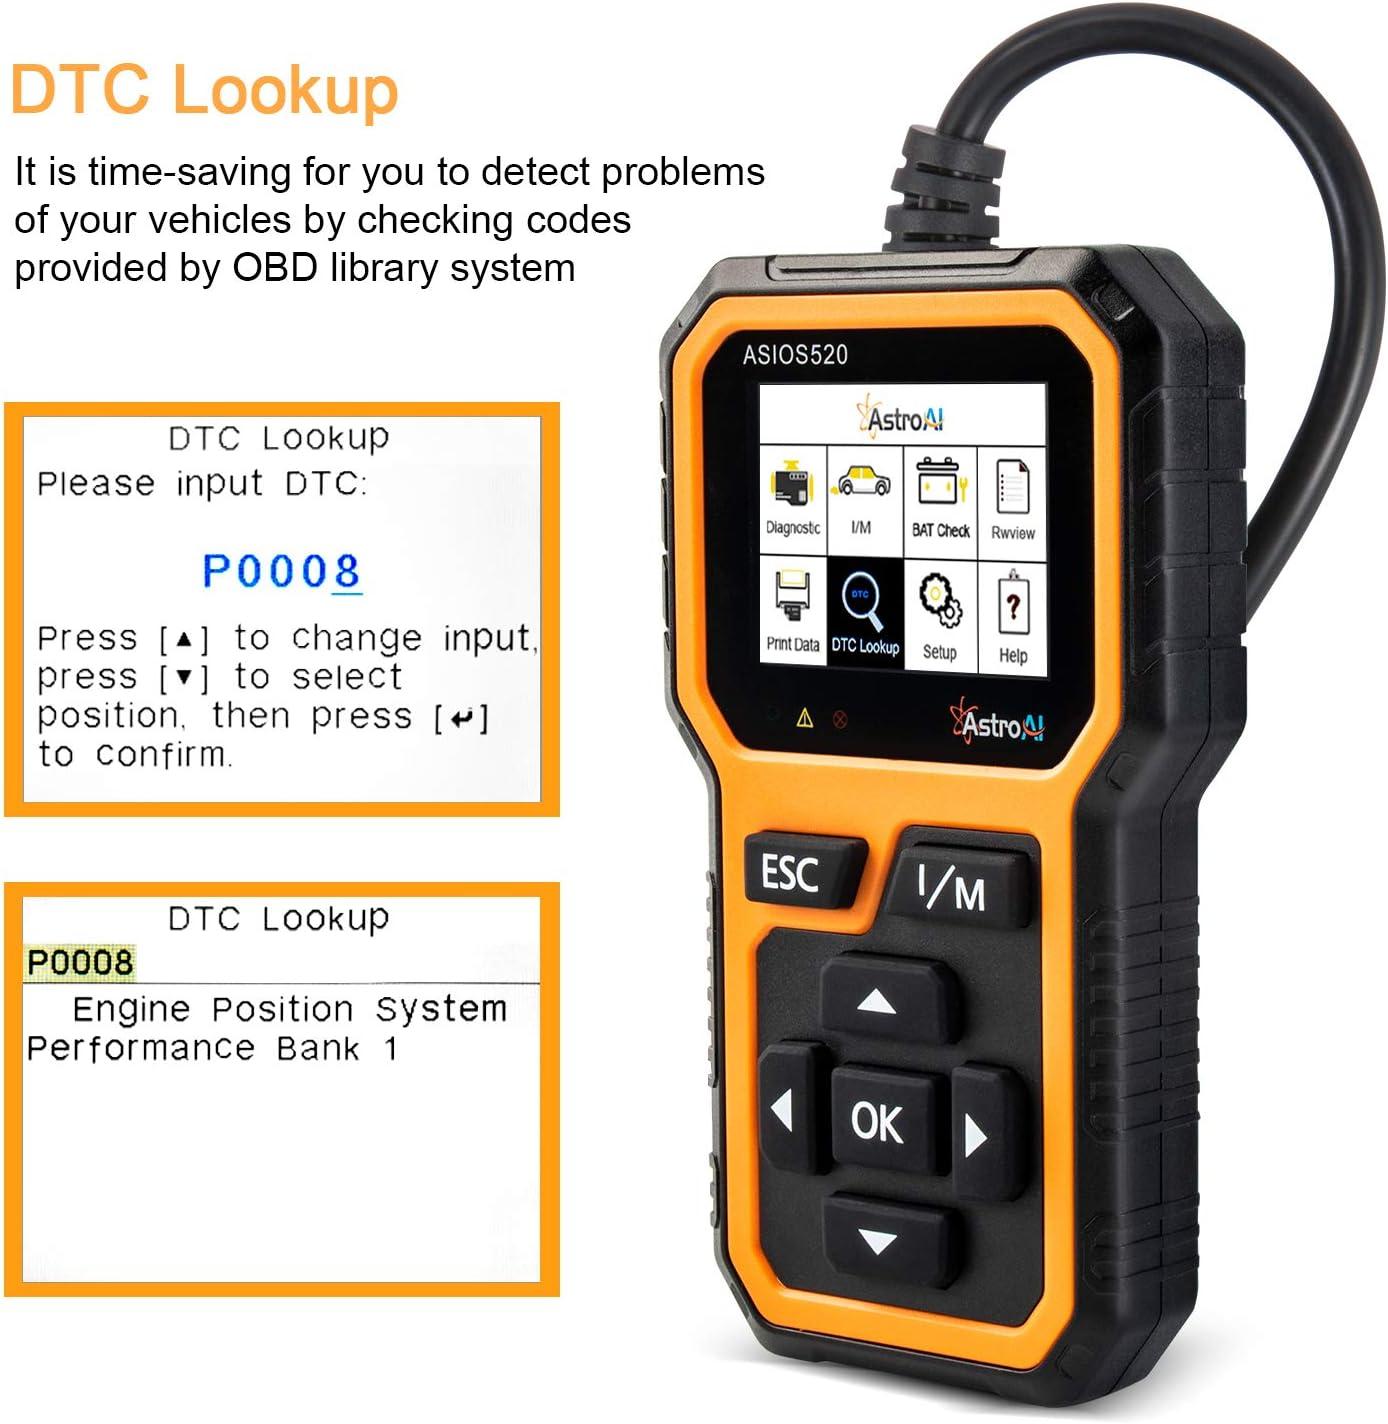 AstroAI OBD2 ASIOS520 Diagnostique Voiture Lecteur de Code de D/éfaut Scanner Outil de Diagnostic Auto pour Tester Les Syst/èmes de Moteur Valise Diagnostic Multimarque